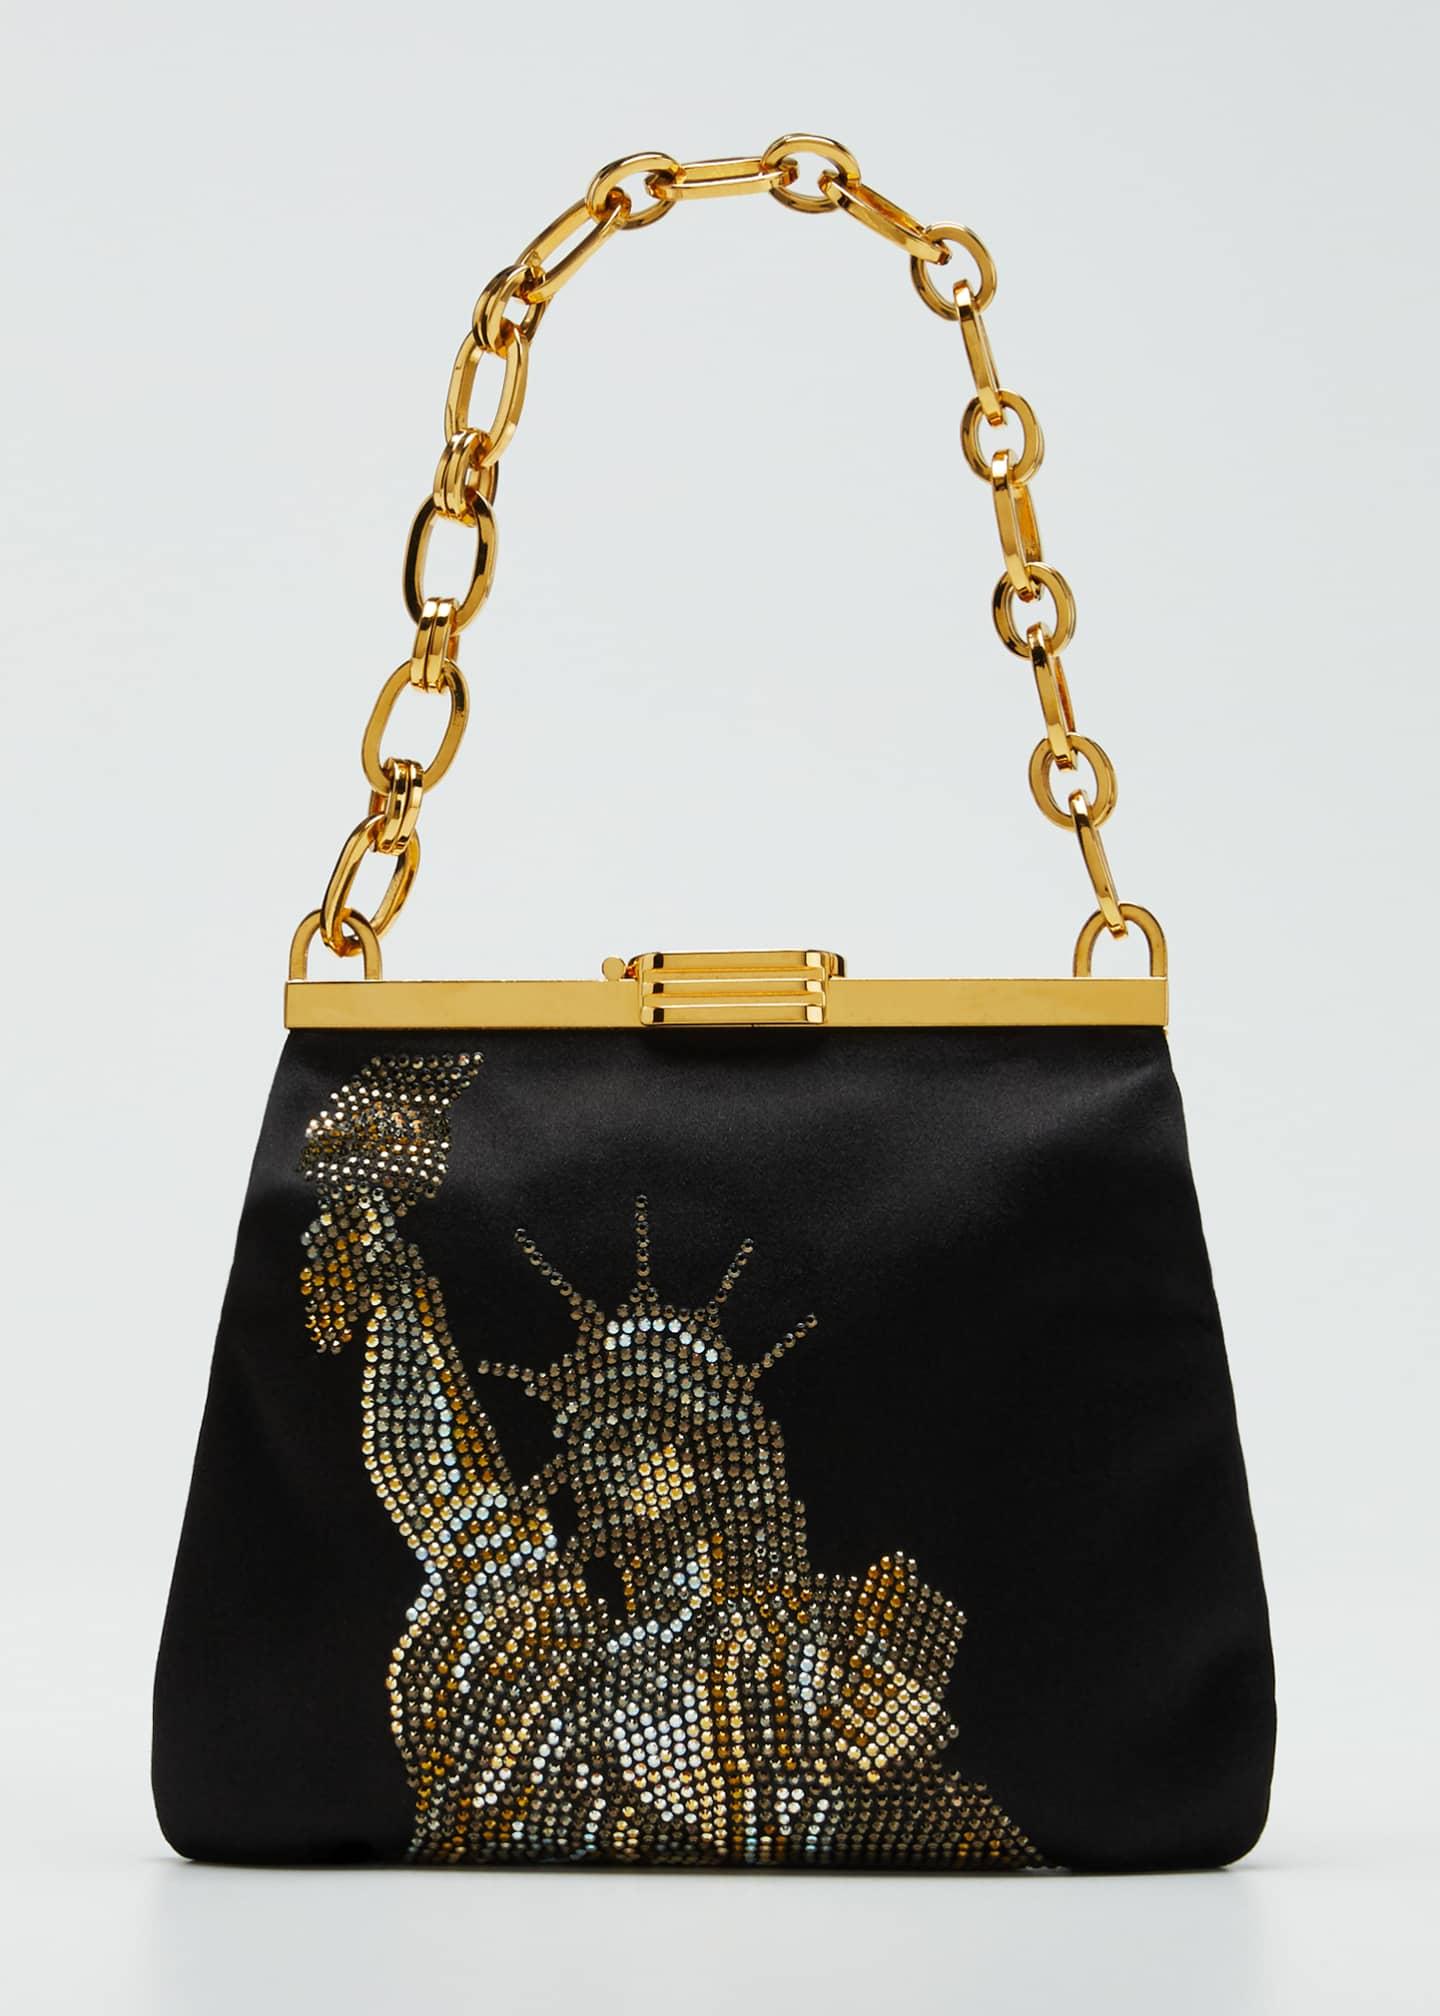 Bienen Davis Statue of Liberty Crystal Clutch Bag